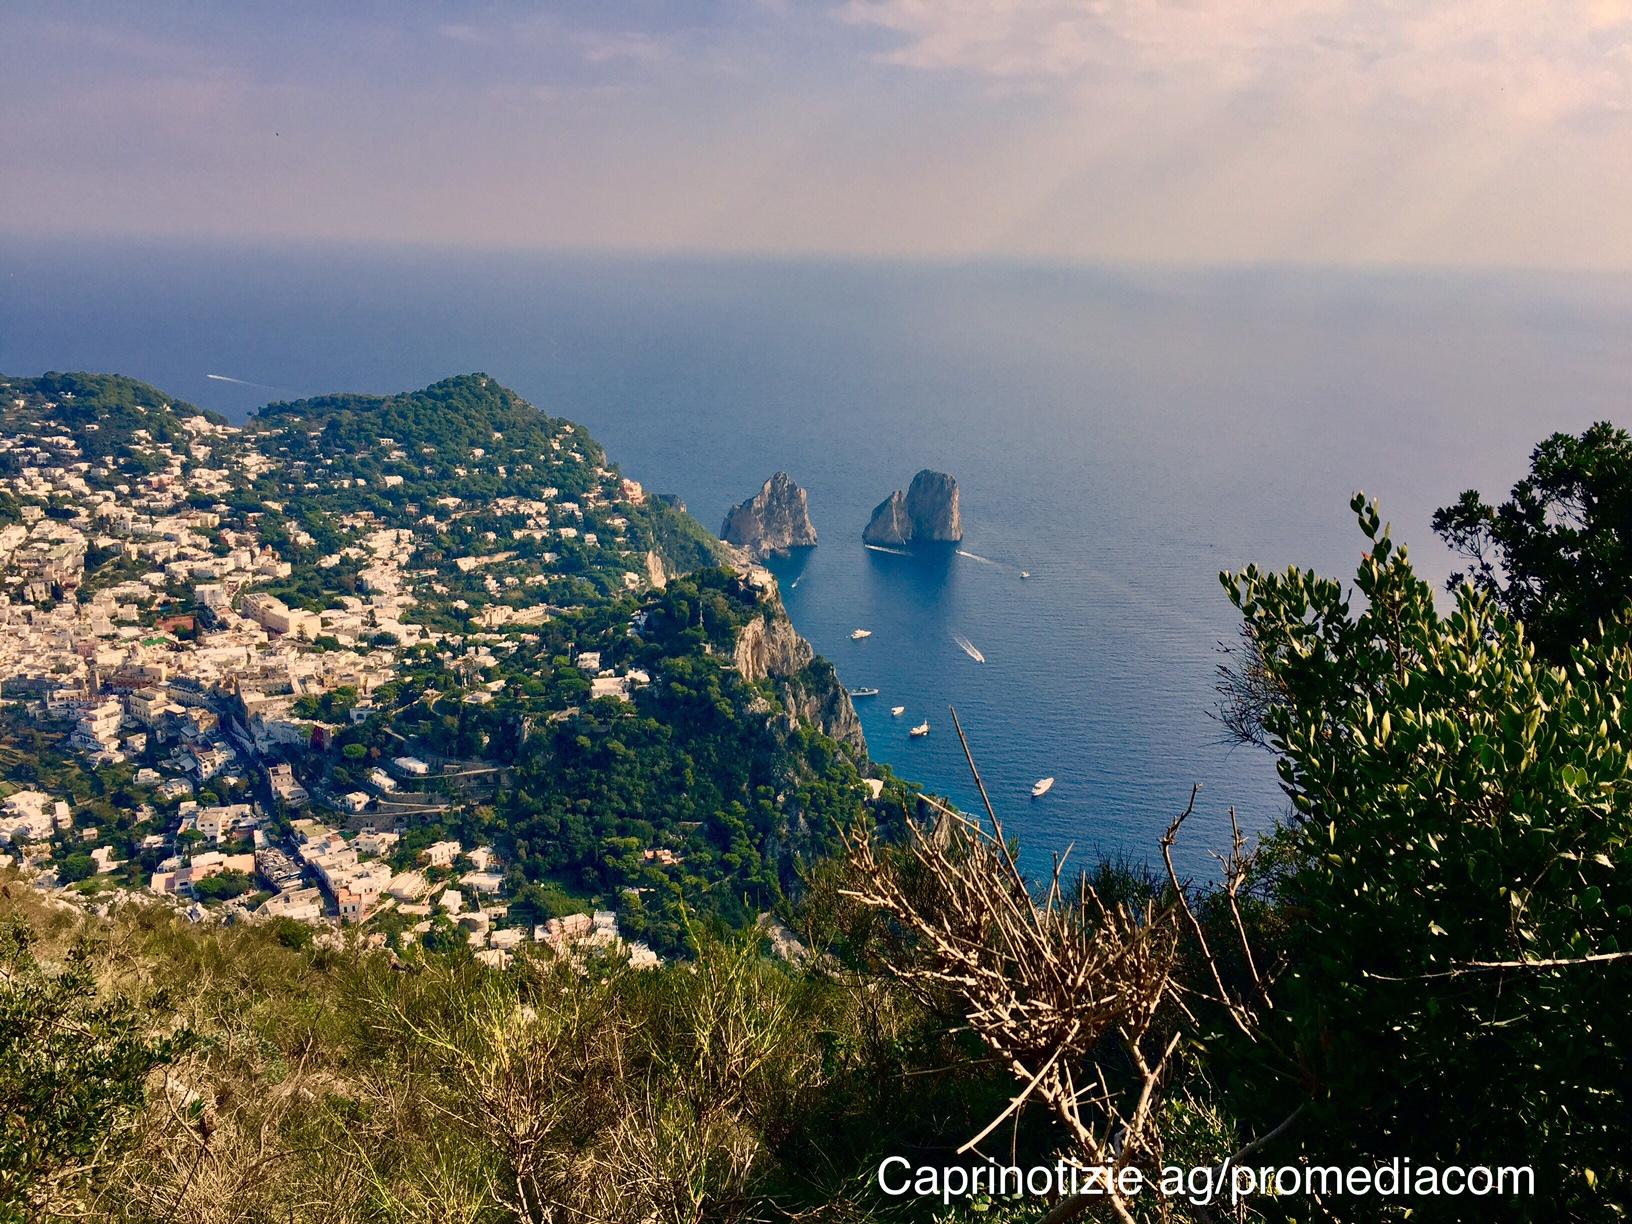 Meteo e Previsioni del tempo a Capri per oggi Mercoledì 10 Luglio 2019